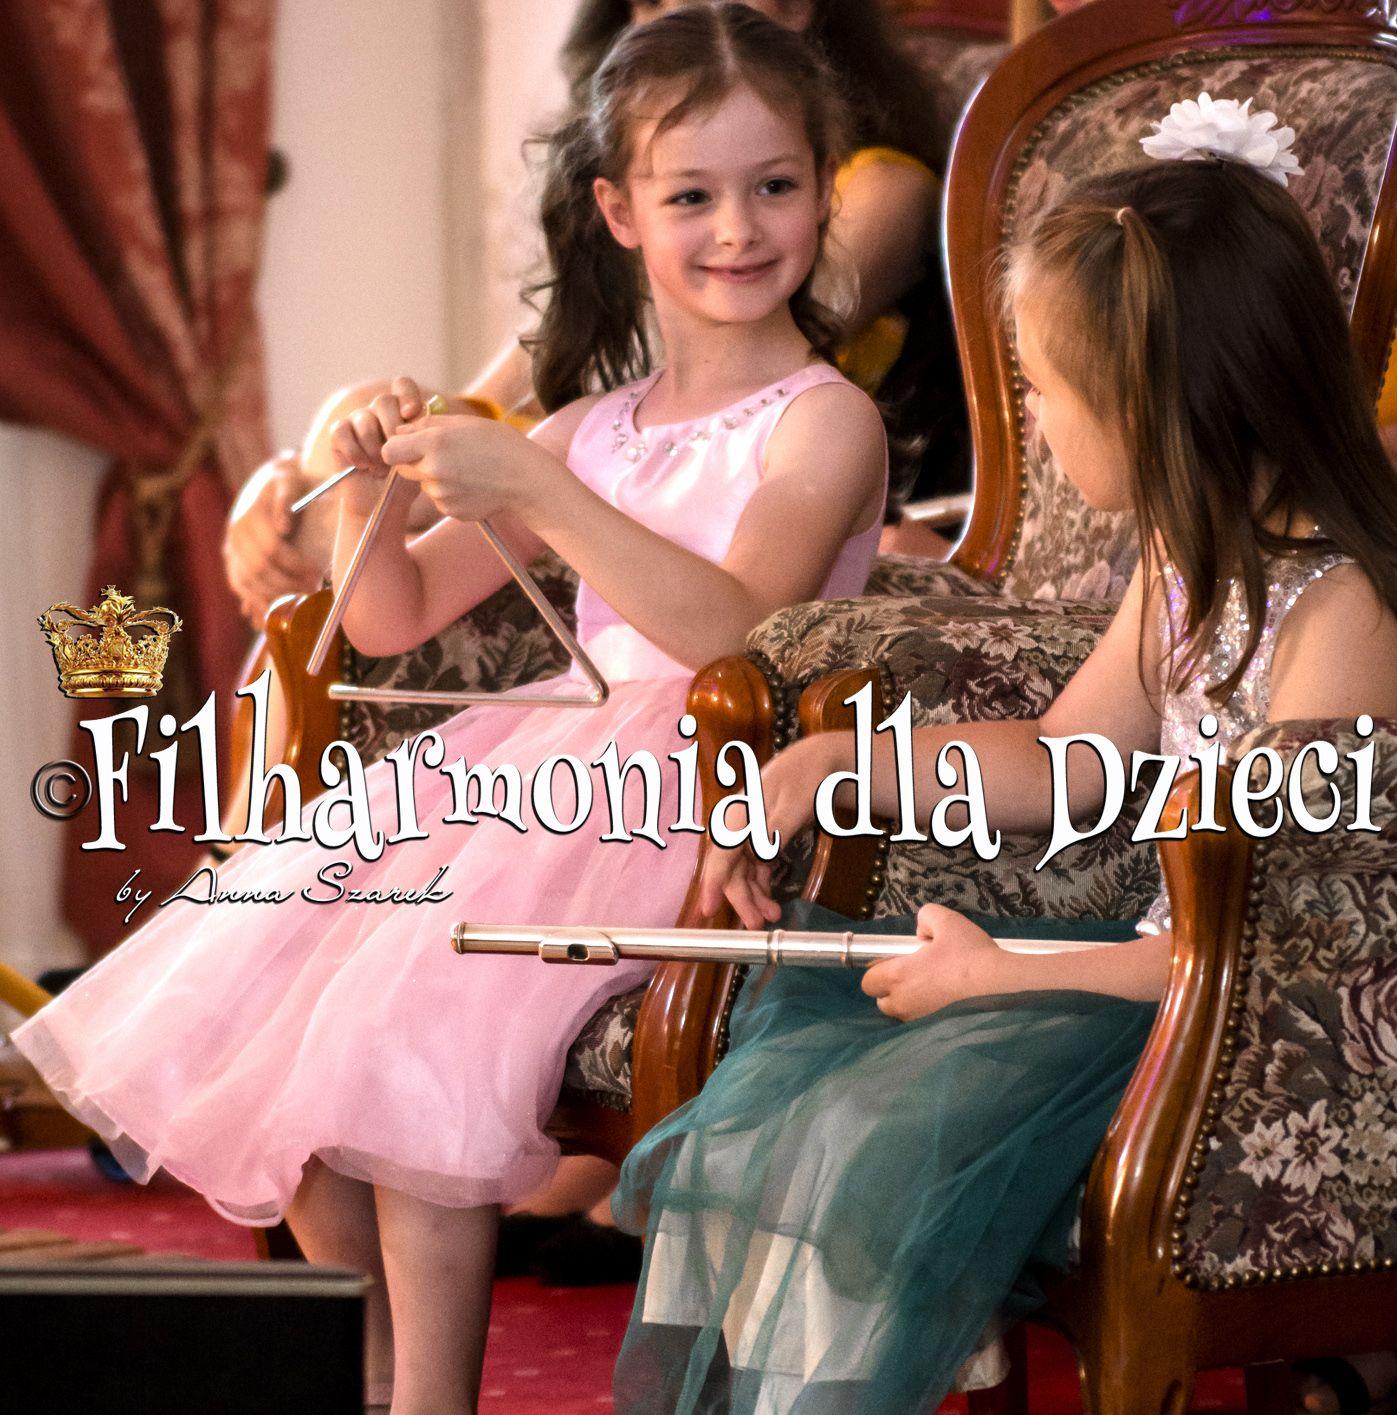 Filharmonia dla Dzieci by Anna Szarek